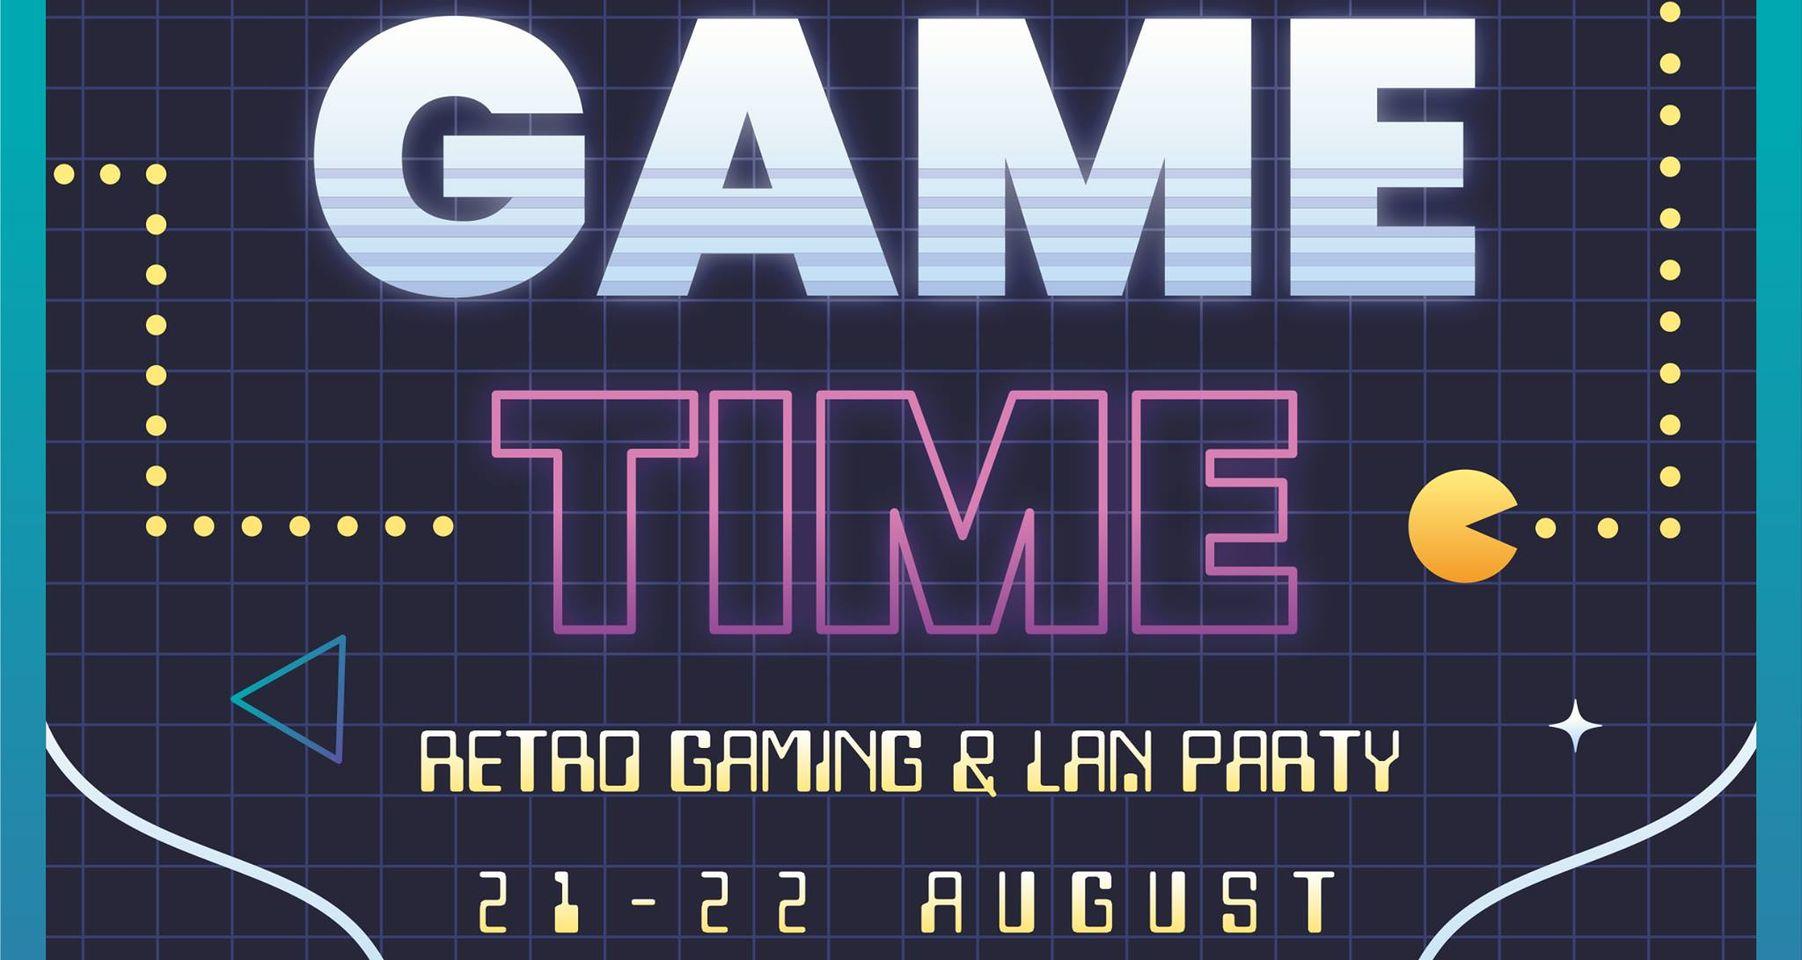 Retro gaming & LAN Party